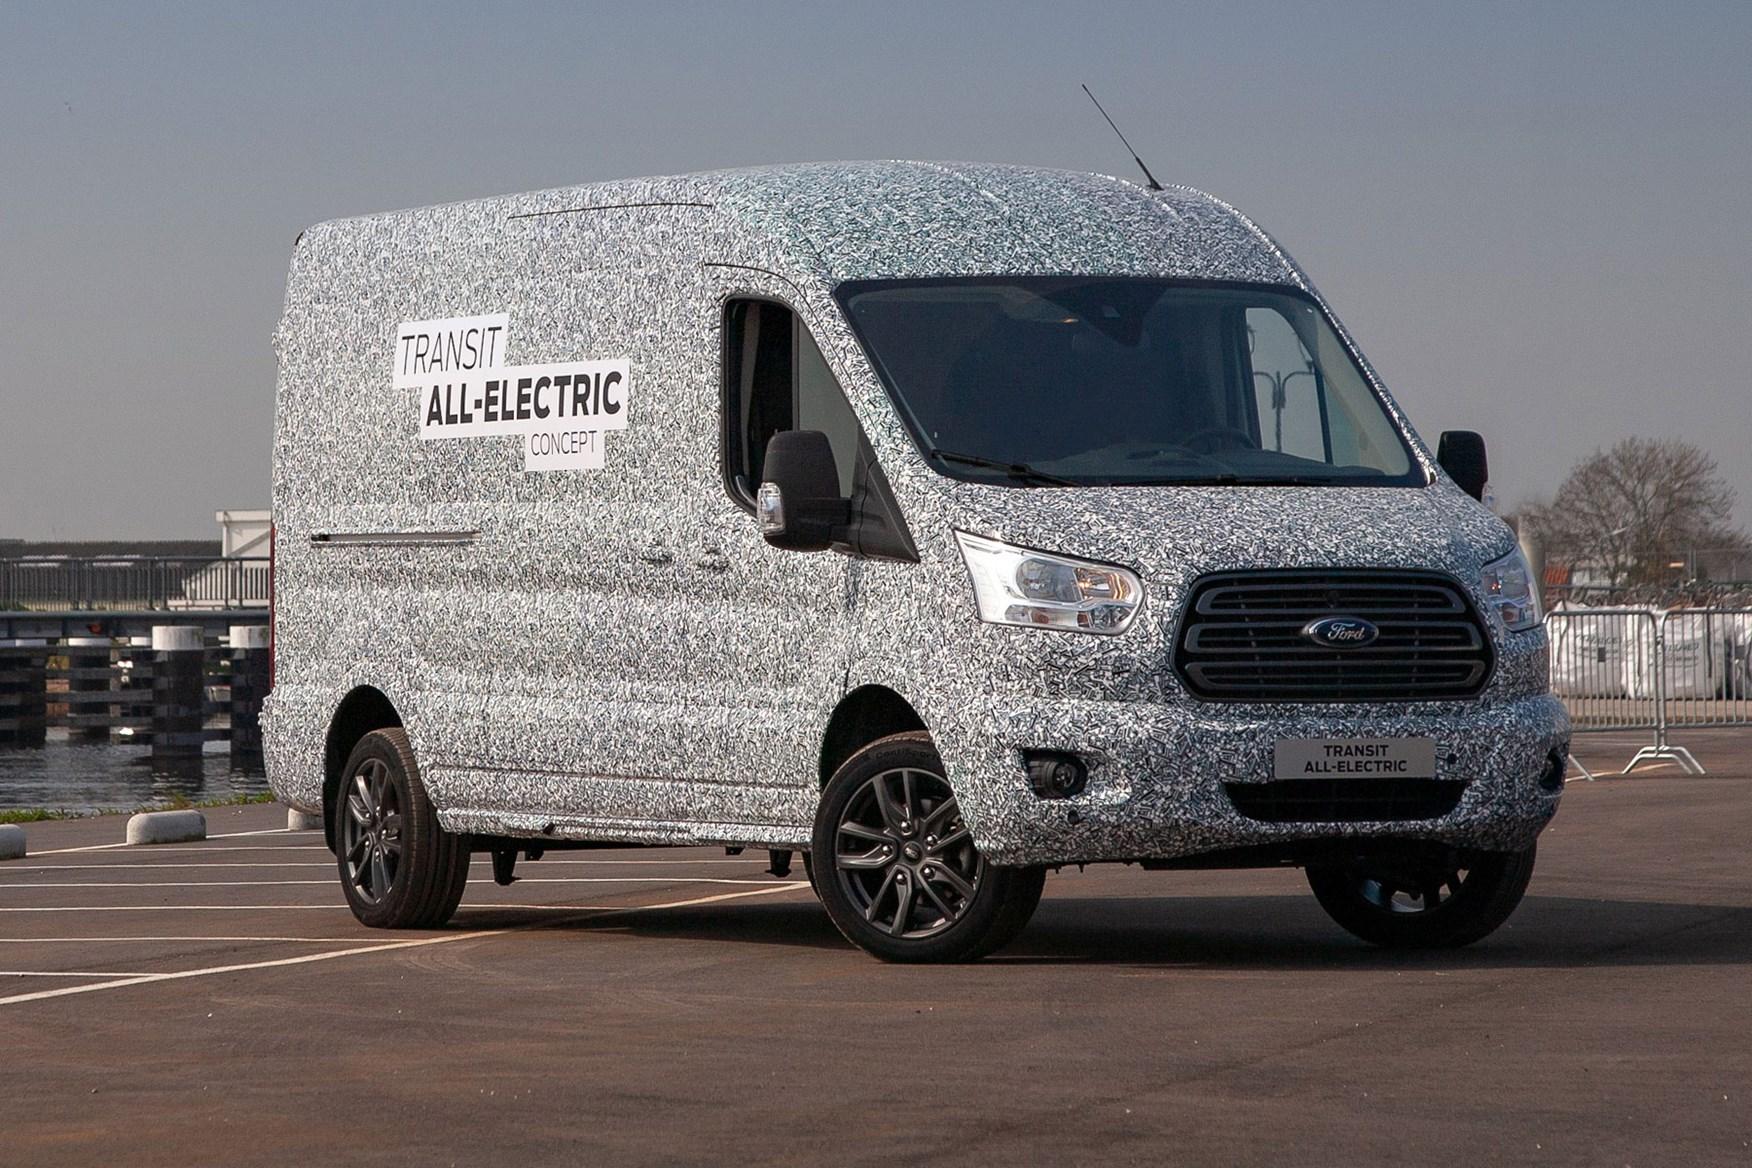 В прошлом году Ford Motor Company анонсировала Transit на электротяге, а теперь работа над новинкой завершена: гендиректор фирмы Джим Фарли пообещал премьеру уже в следующем месяце.